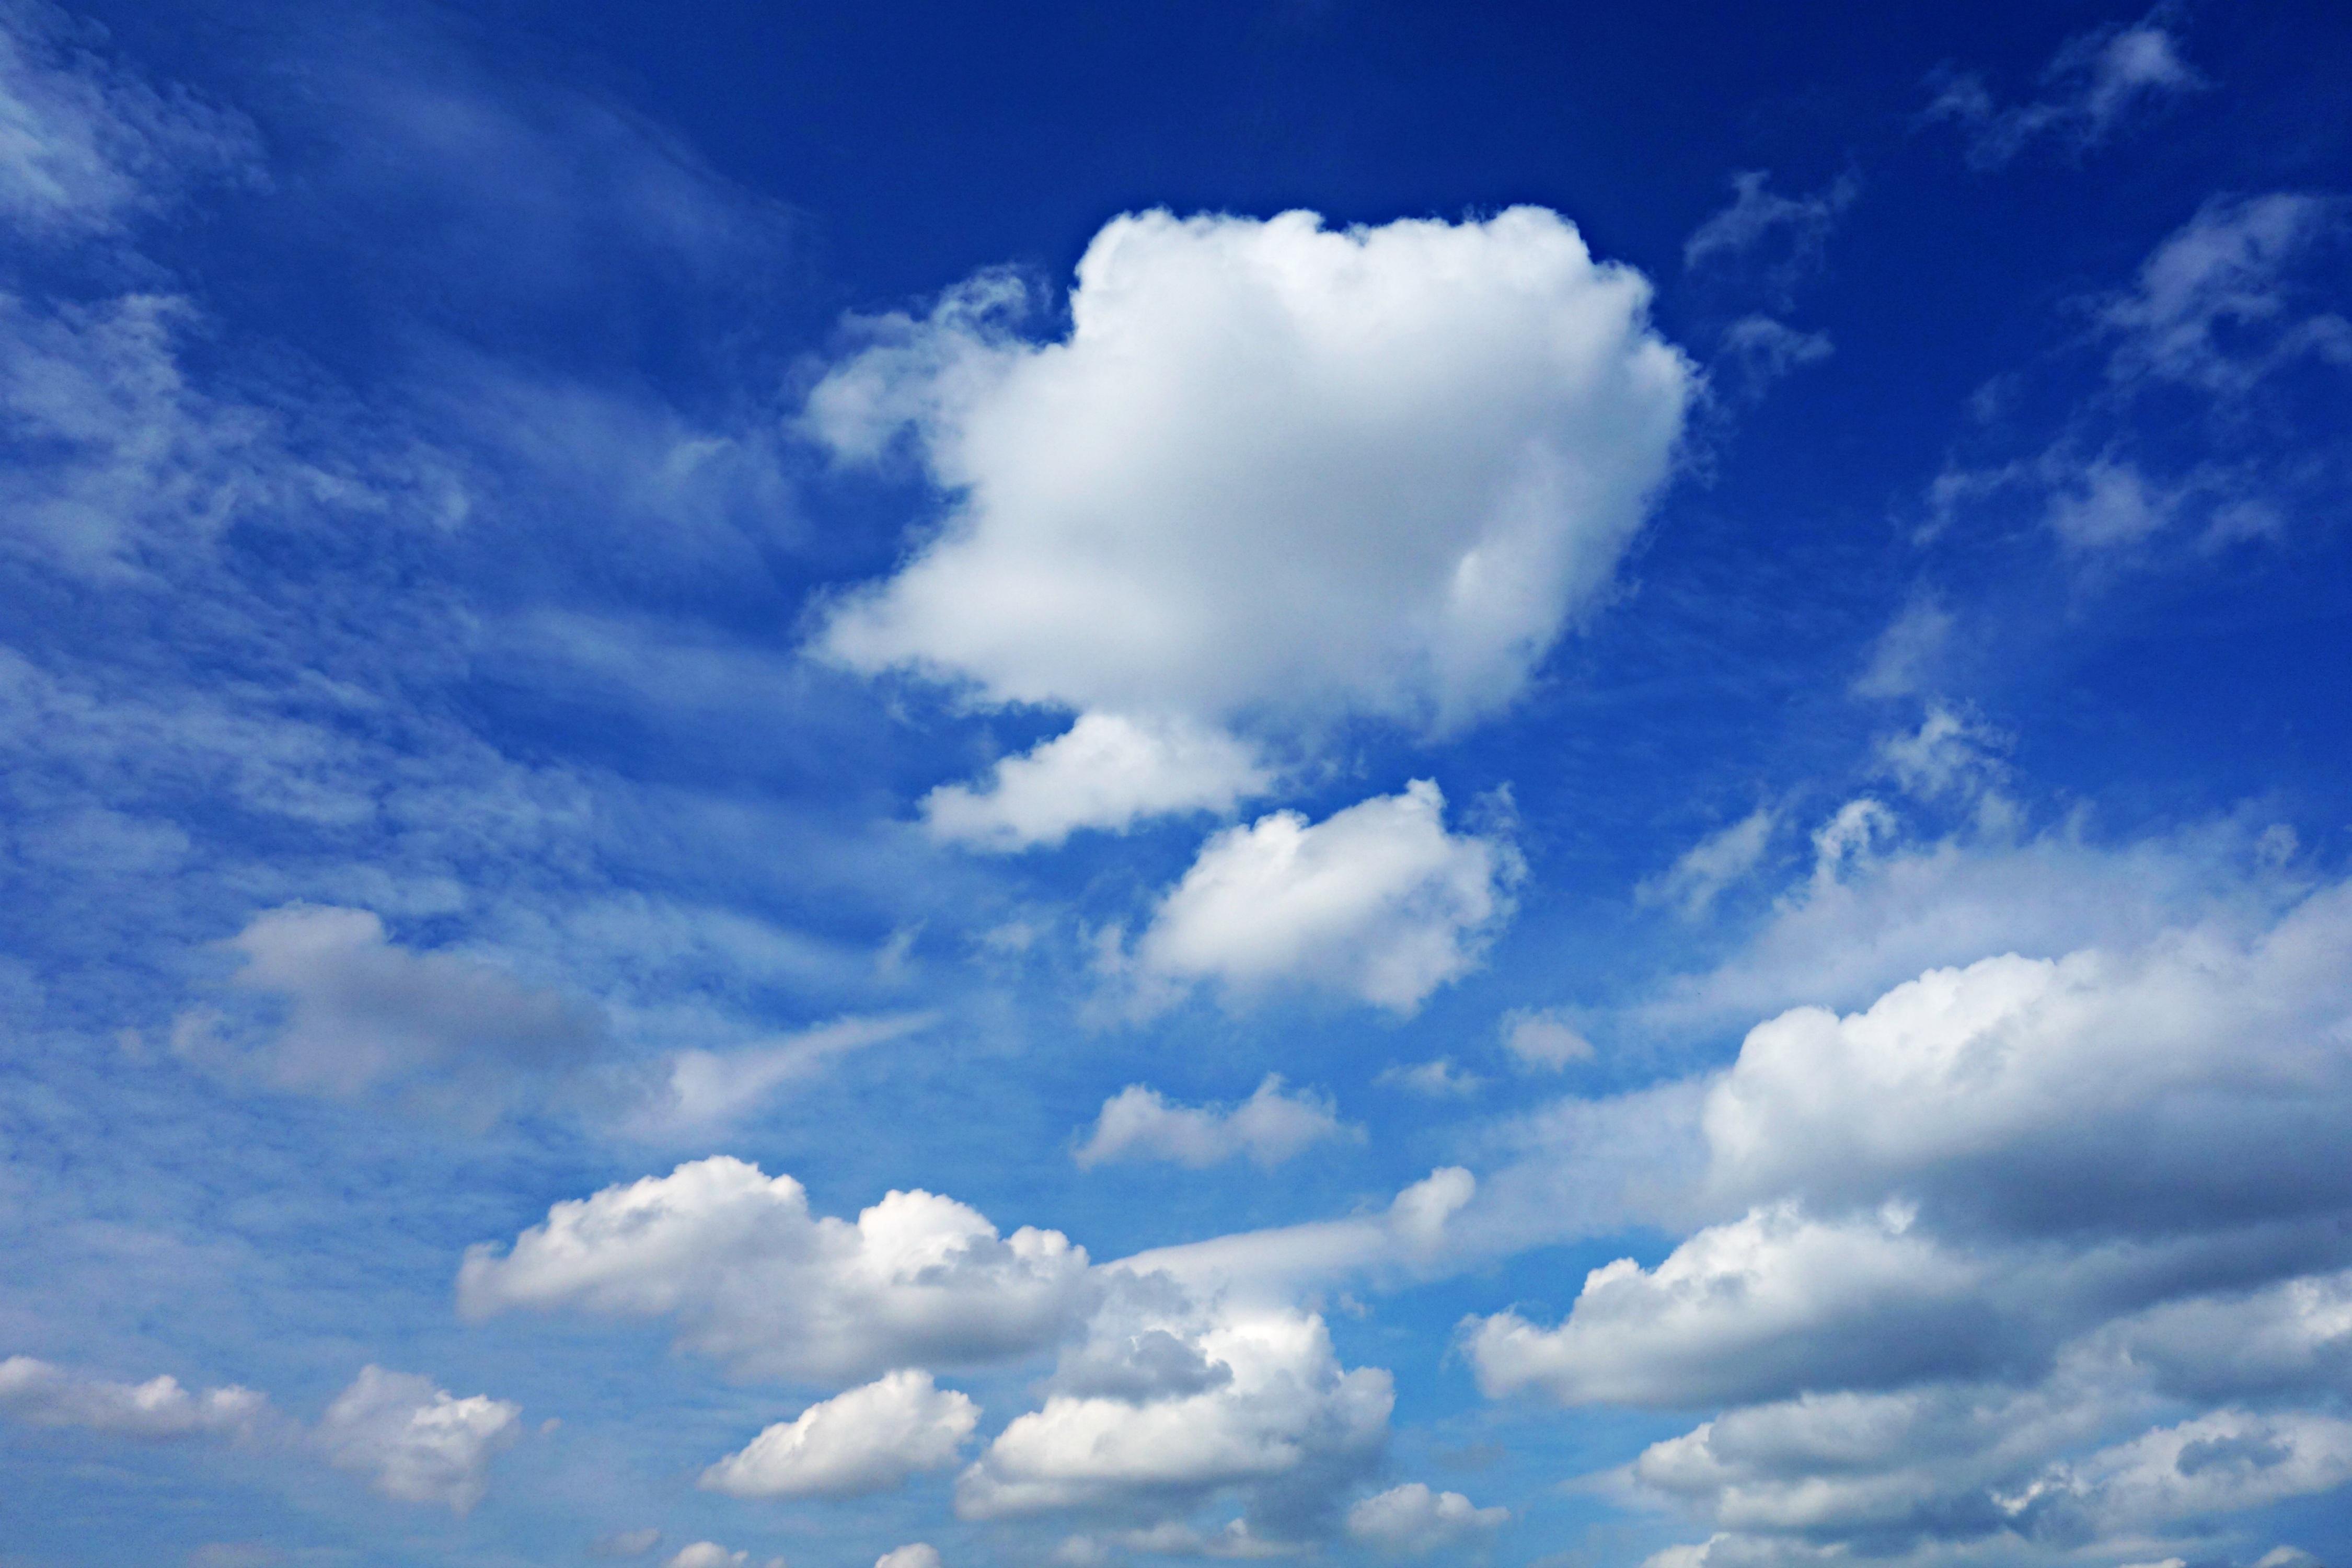 Fotos E Imagenes Cielo Azul Con Nubes: Fotos Gratis : Ligero, Nube, Cielo, Luz De Sol, Aire